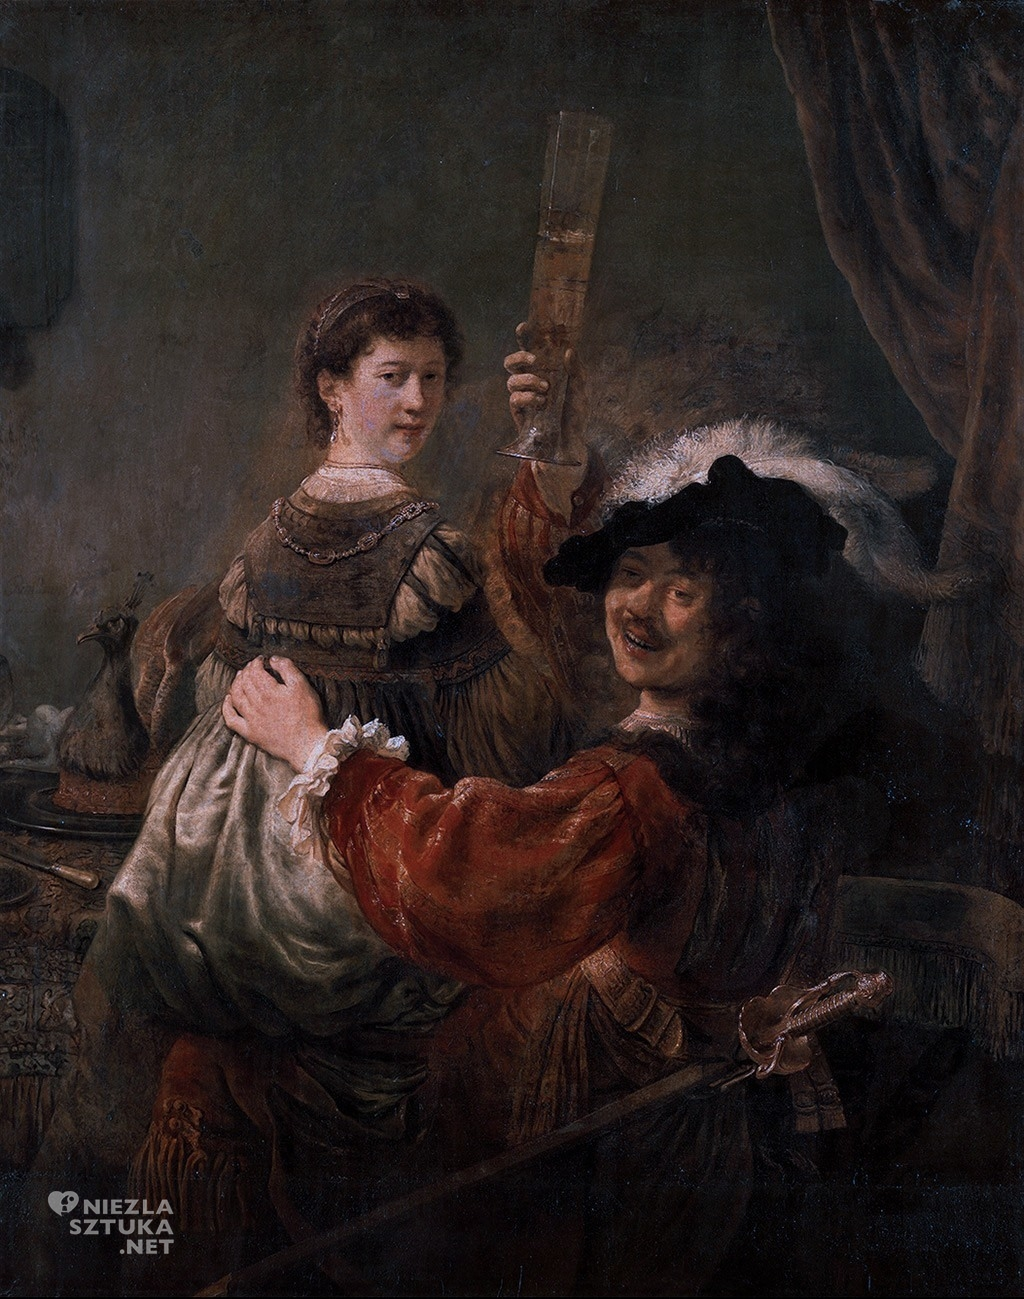 Autoportret z Saskią   ok. 1635, Galeria Obrazów Starych Mistrzów, Drezno, fot.: rembrandtfecit2.blogspot.com